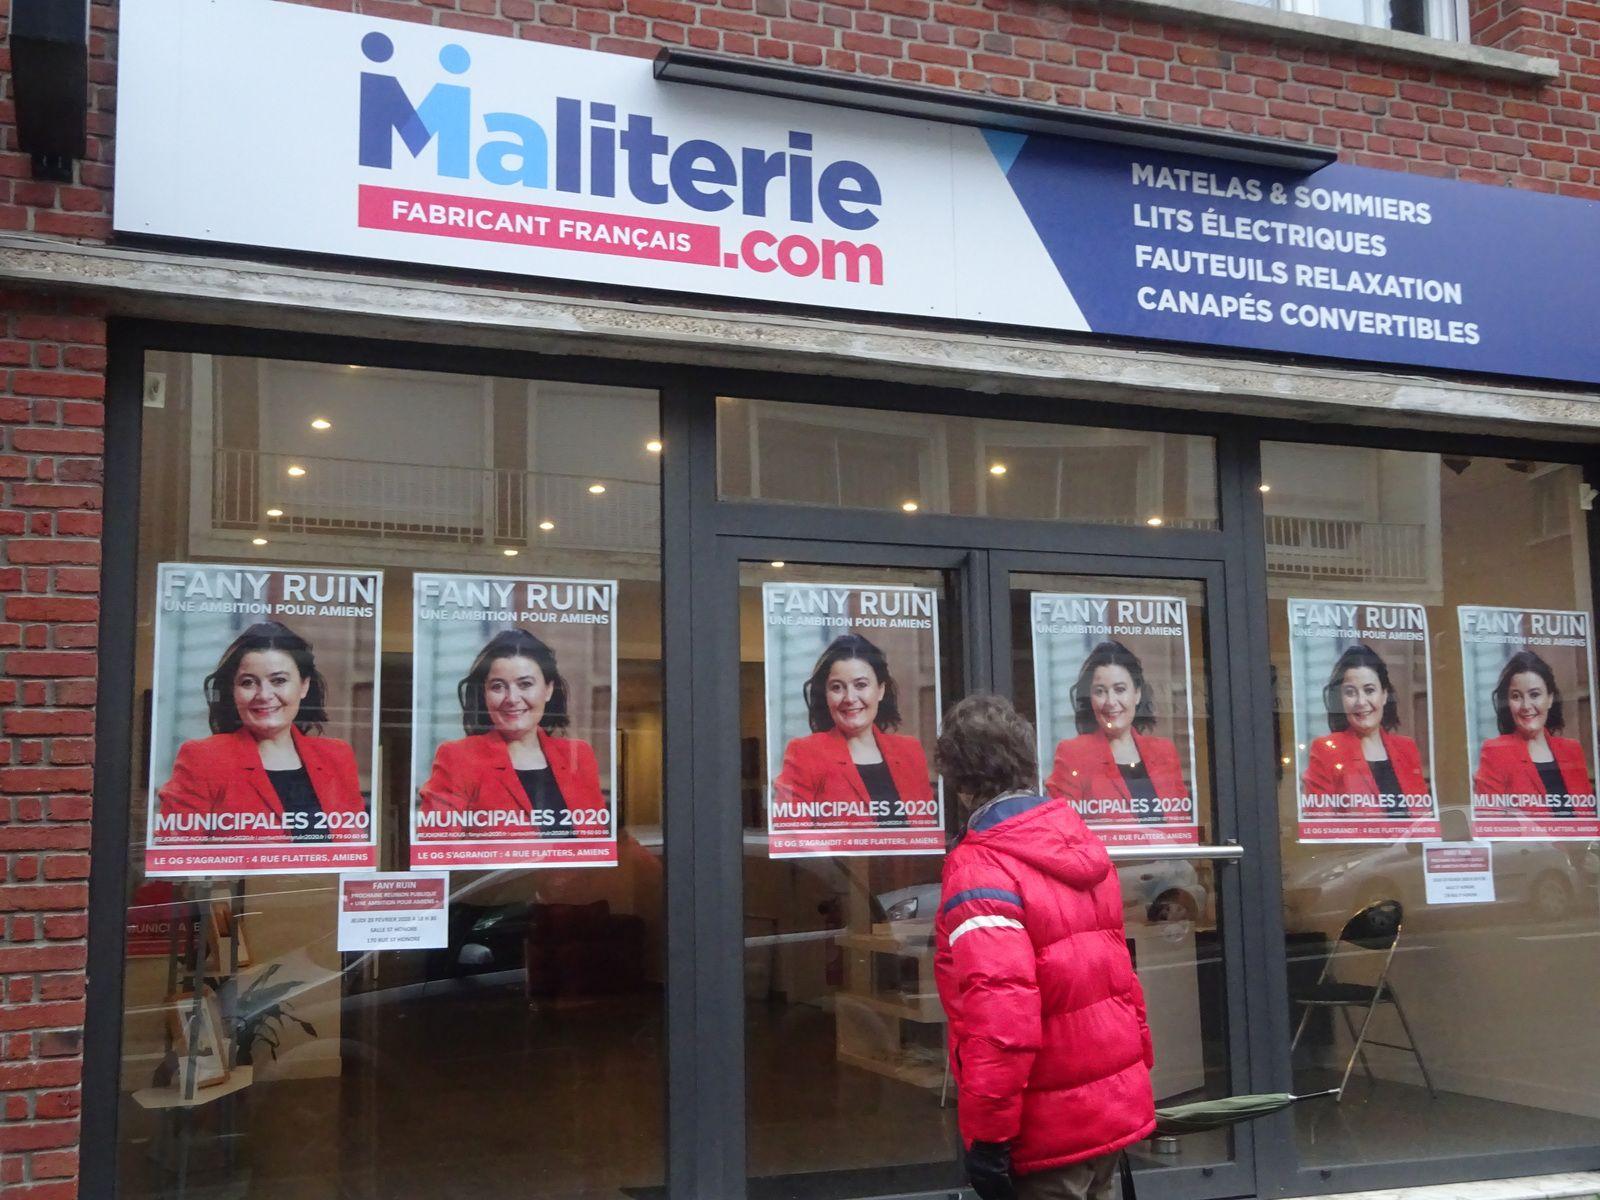 Amiens. Rue Flatters. 8 Février 2020. © Jean-Louis Crimon